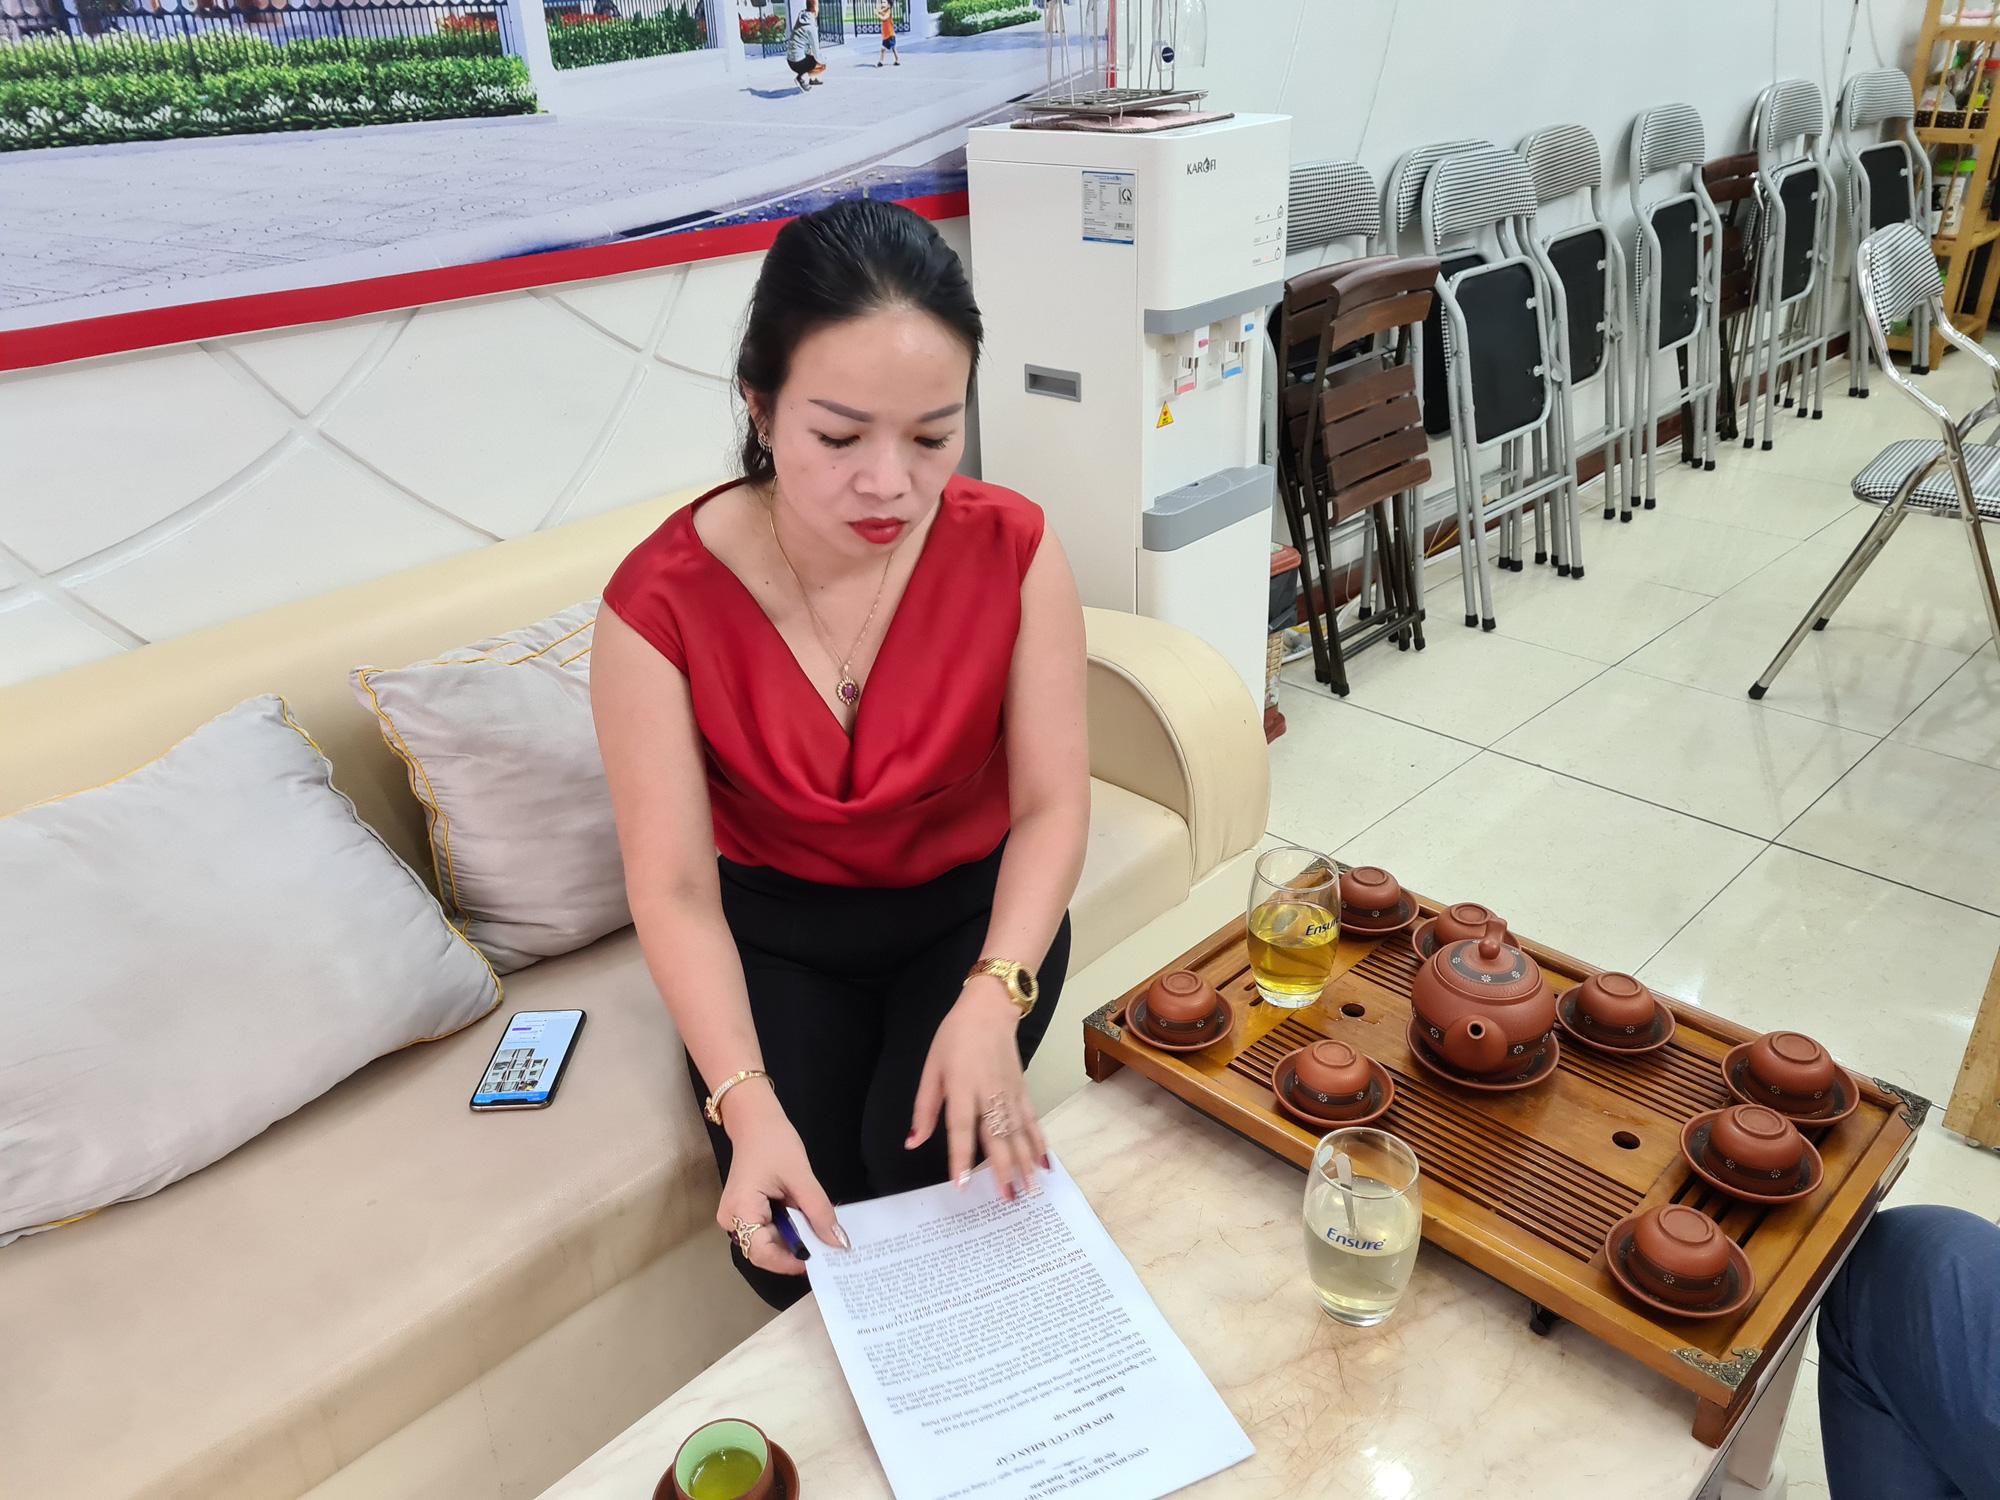 Hải Phòng: Nữ giám đốc Công ty bất động sản bị hành hung, làm nhục, đăng tải clip lên mạng internet  - Ảnh 3.